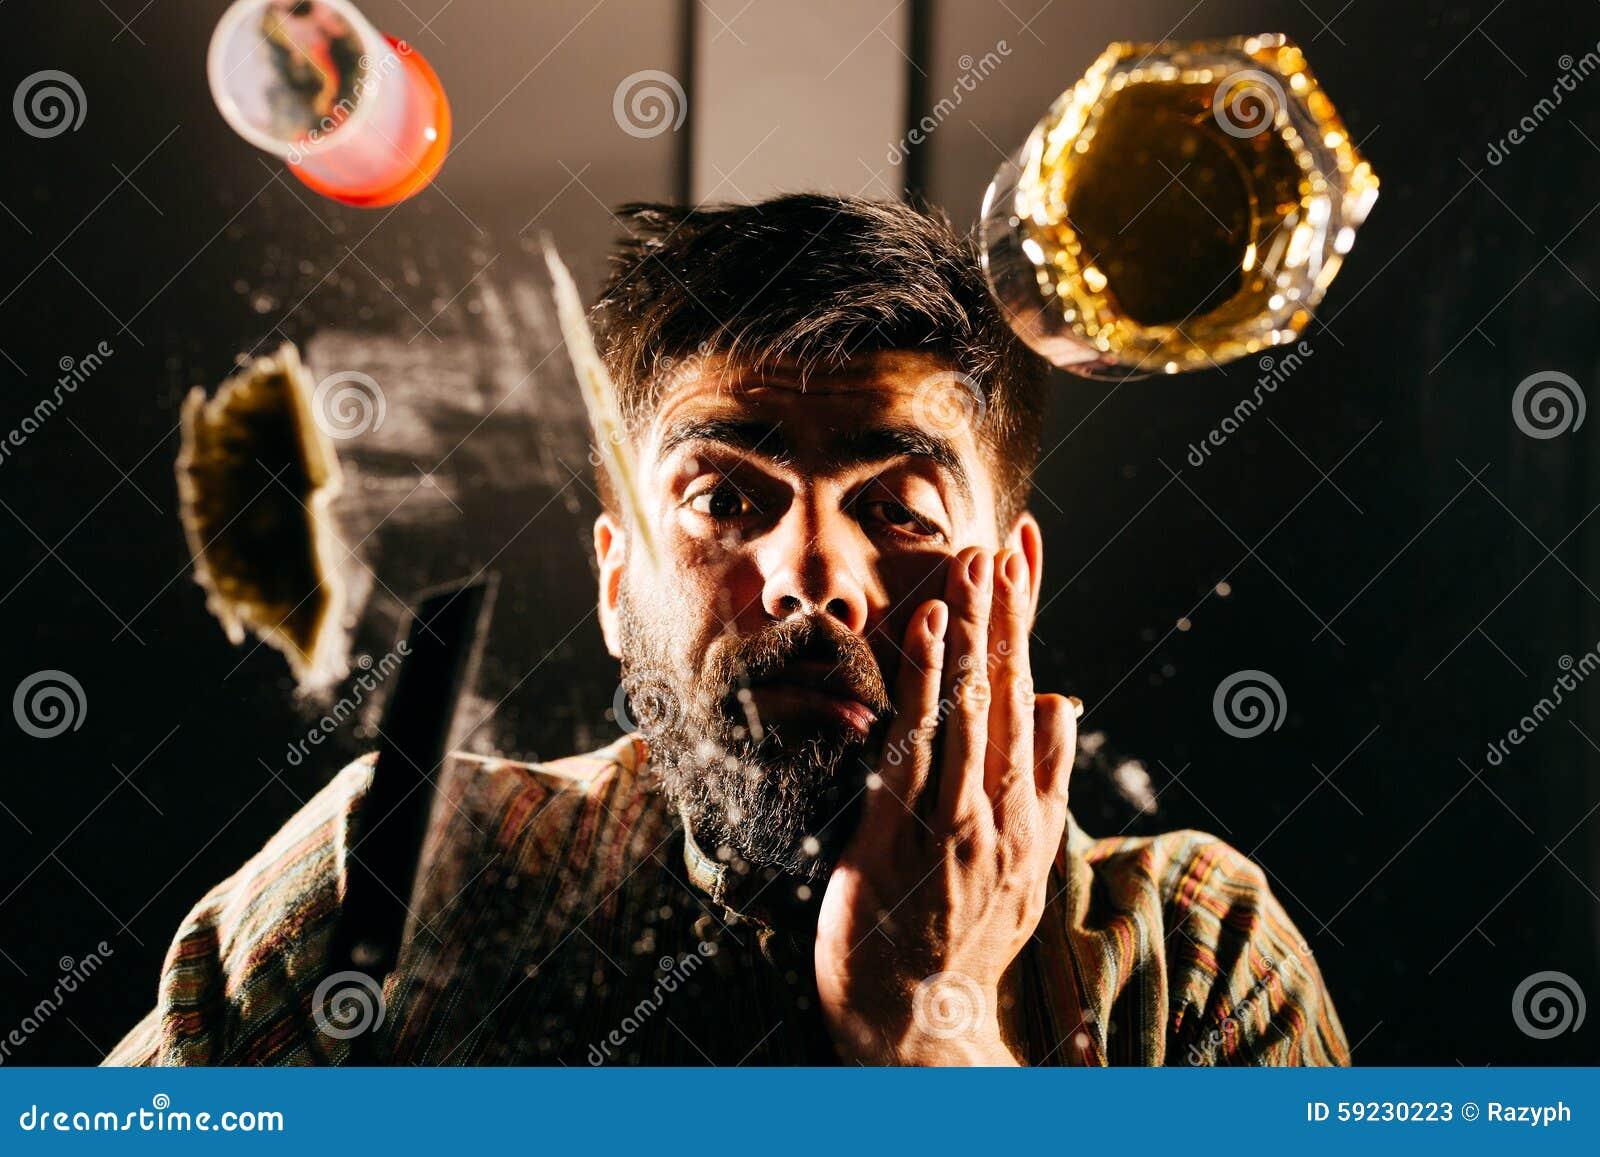 Download Hombre drogado imagen de archivo. Imagen de ilegal, desastre - 59230223